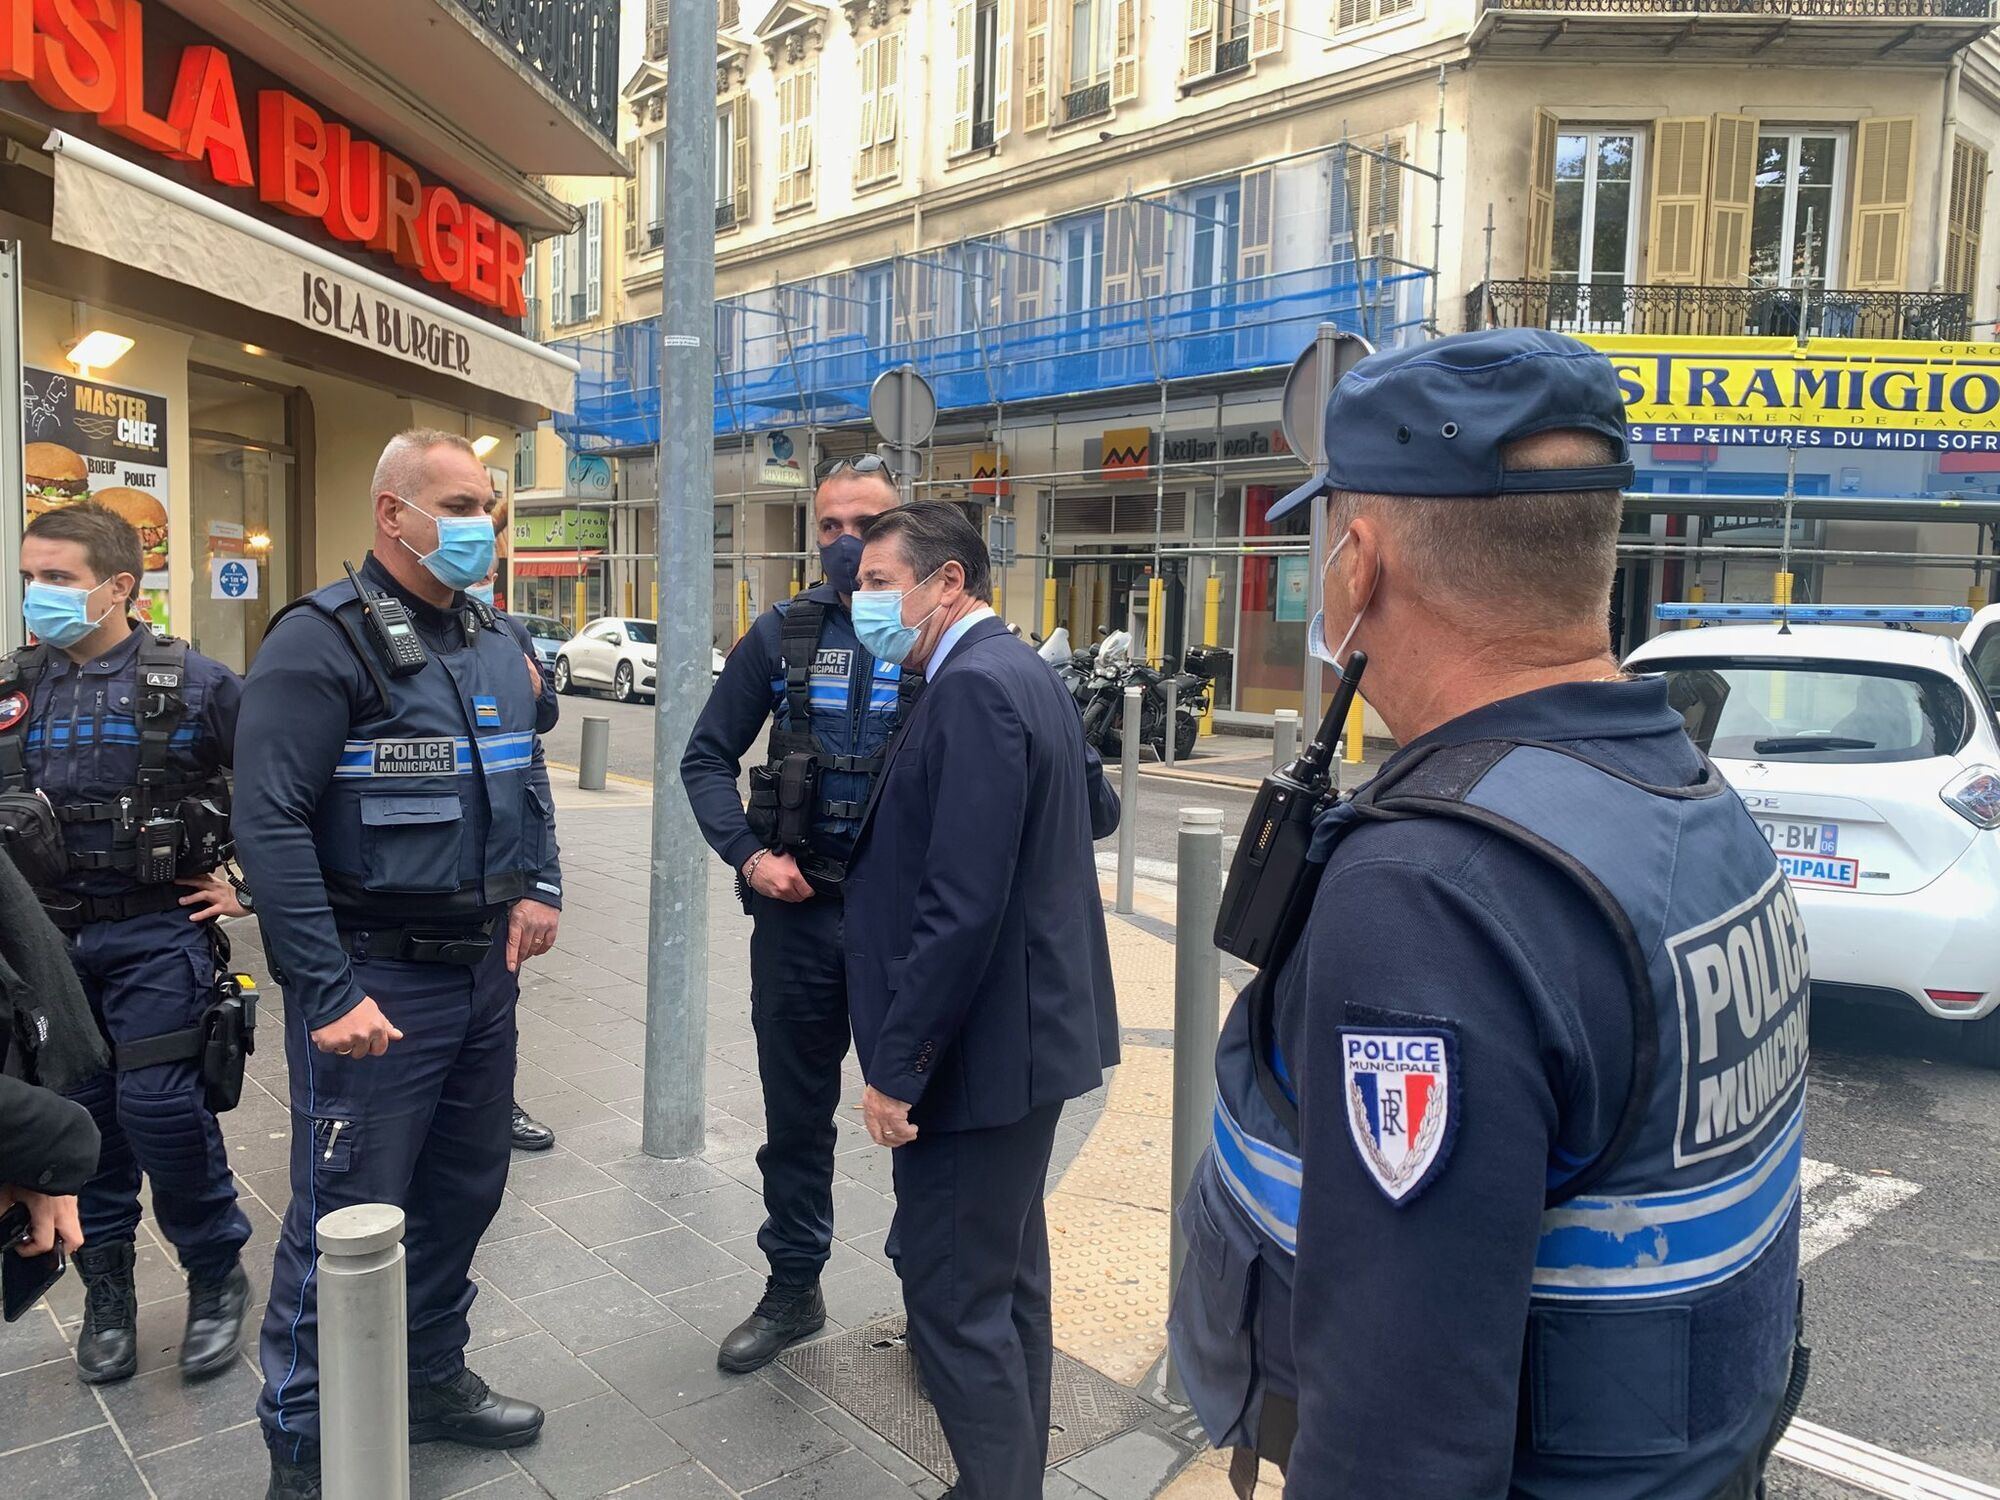 Мэр Ниццы считает, что убийство людей было совершено террористом